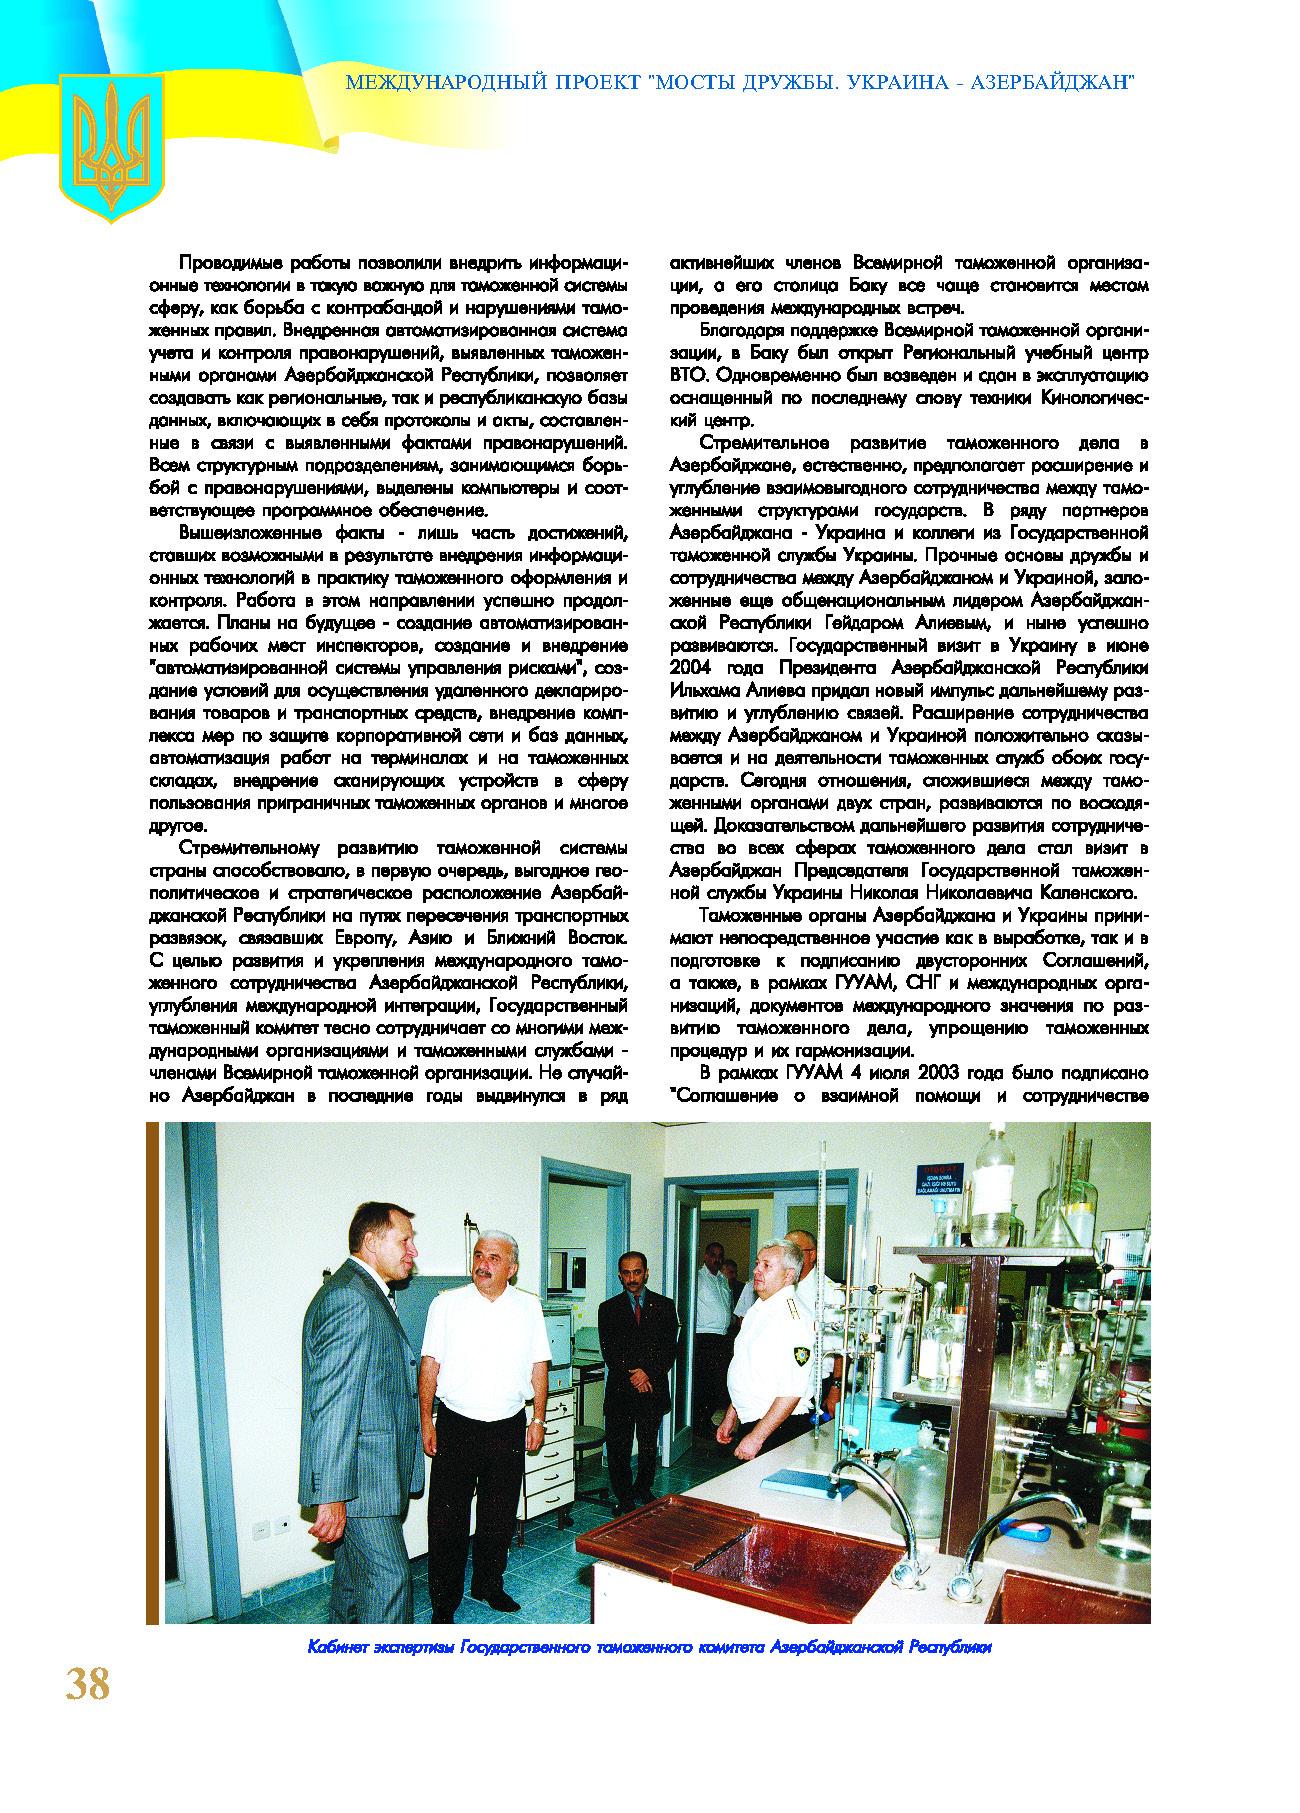 Таможенное сотрудничество Азербайджанской Республики и Украины